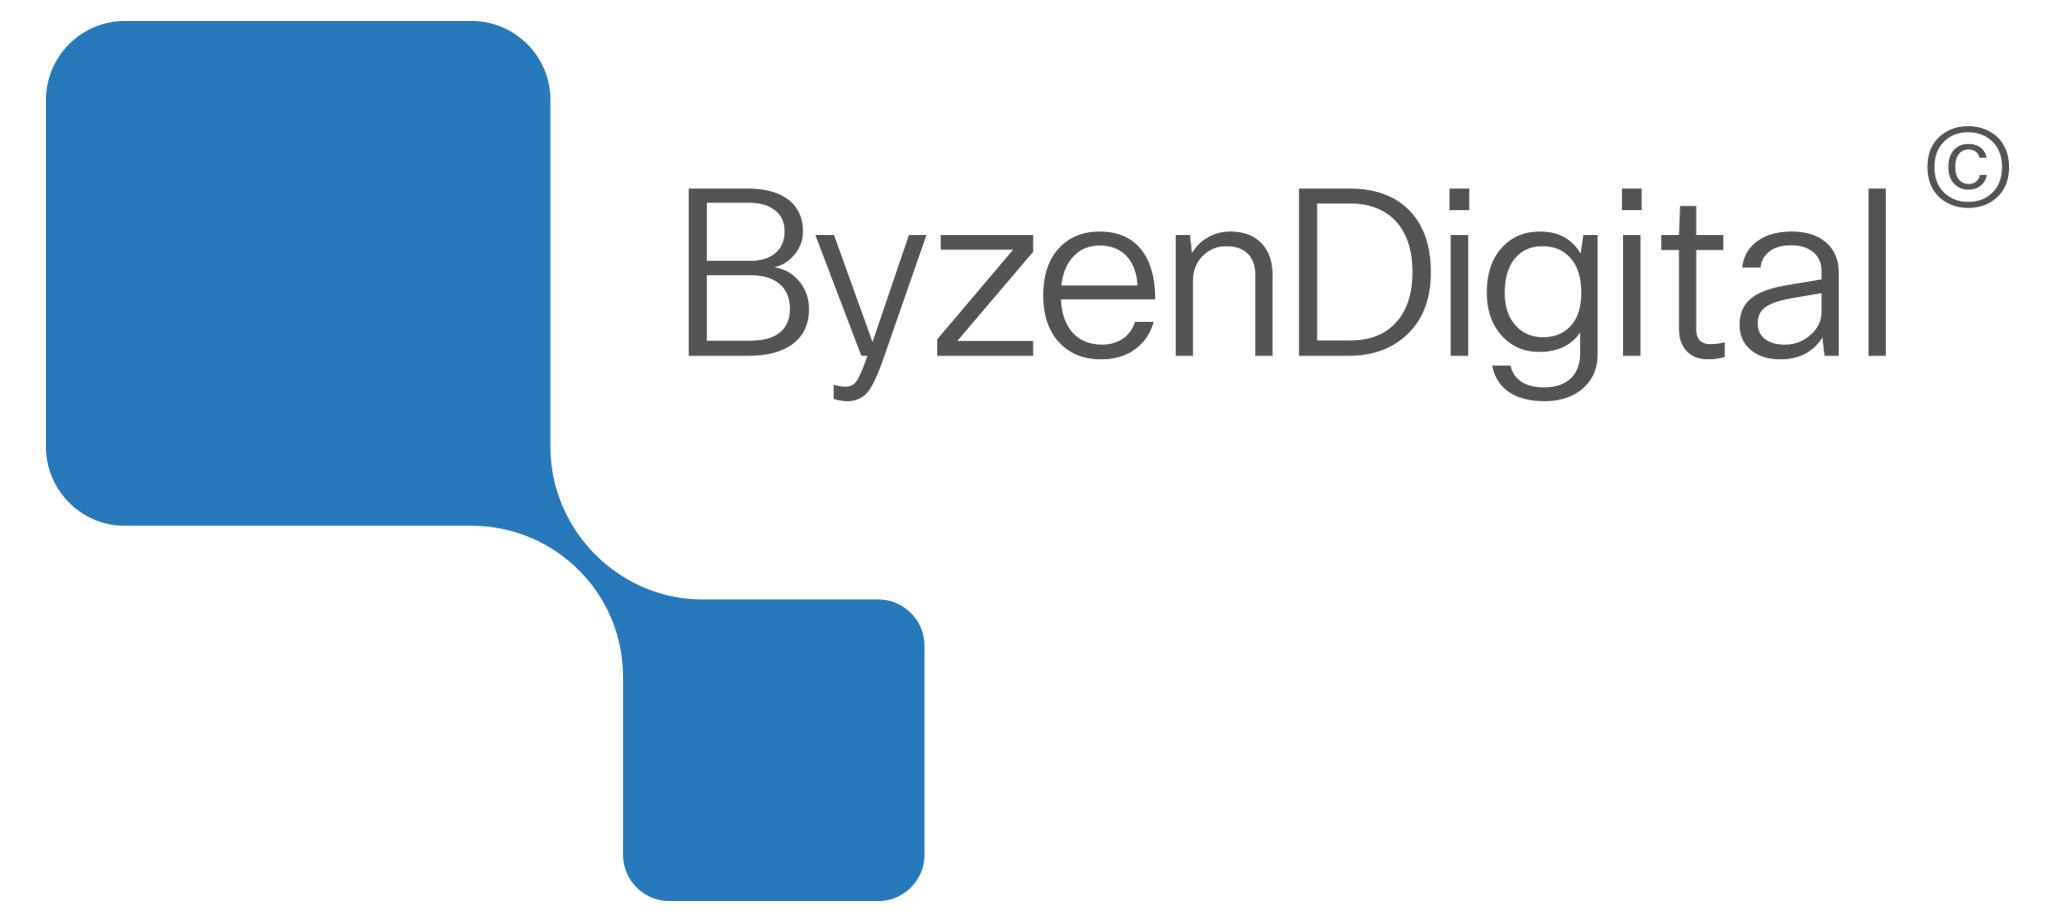 Byzen Digital